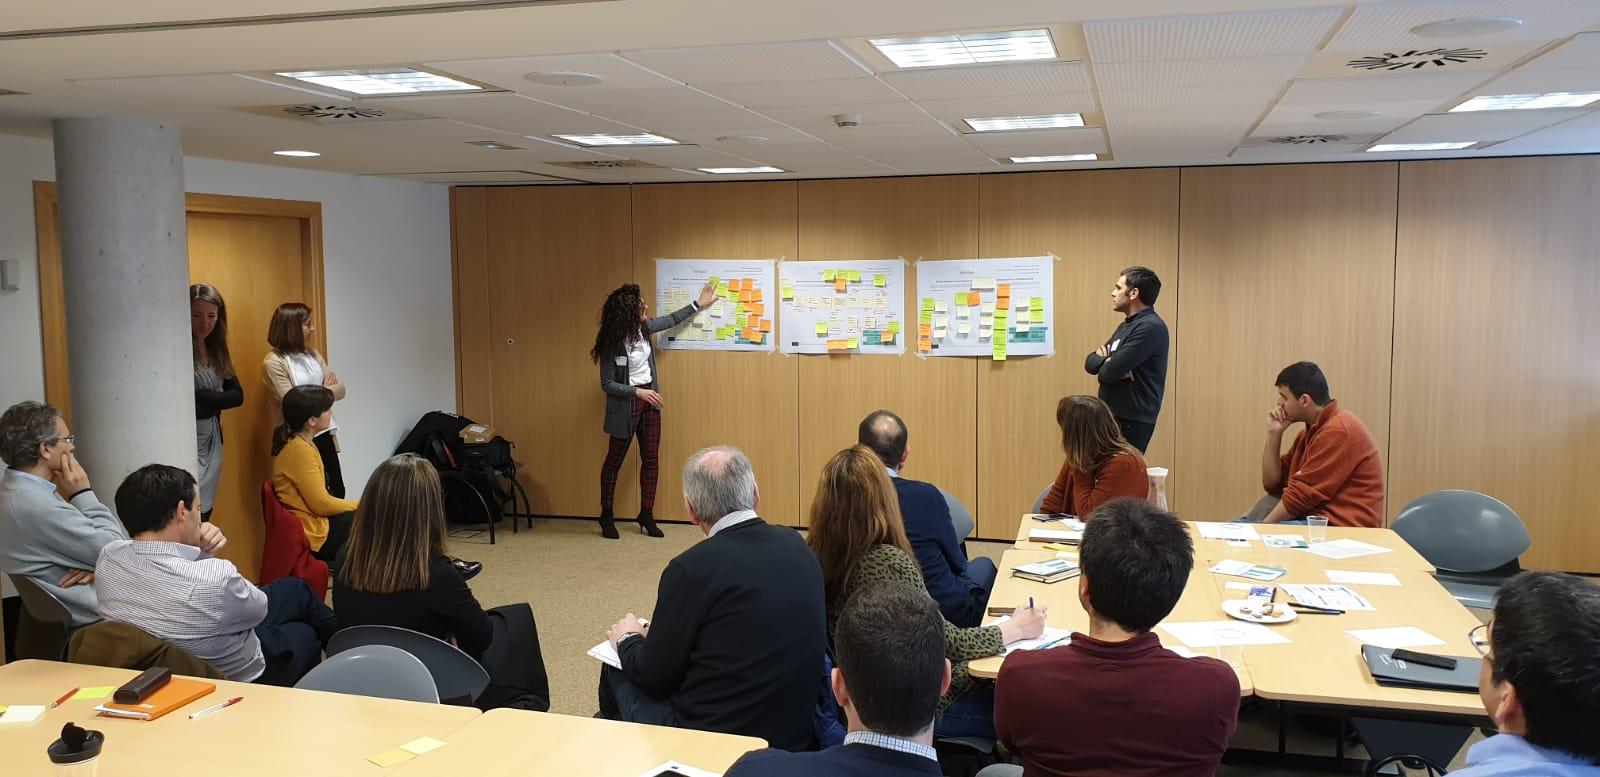 imagen 3 de noticia: participamos-en-el-workshop-de-bim4ren-organizado-por-tecnalia